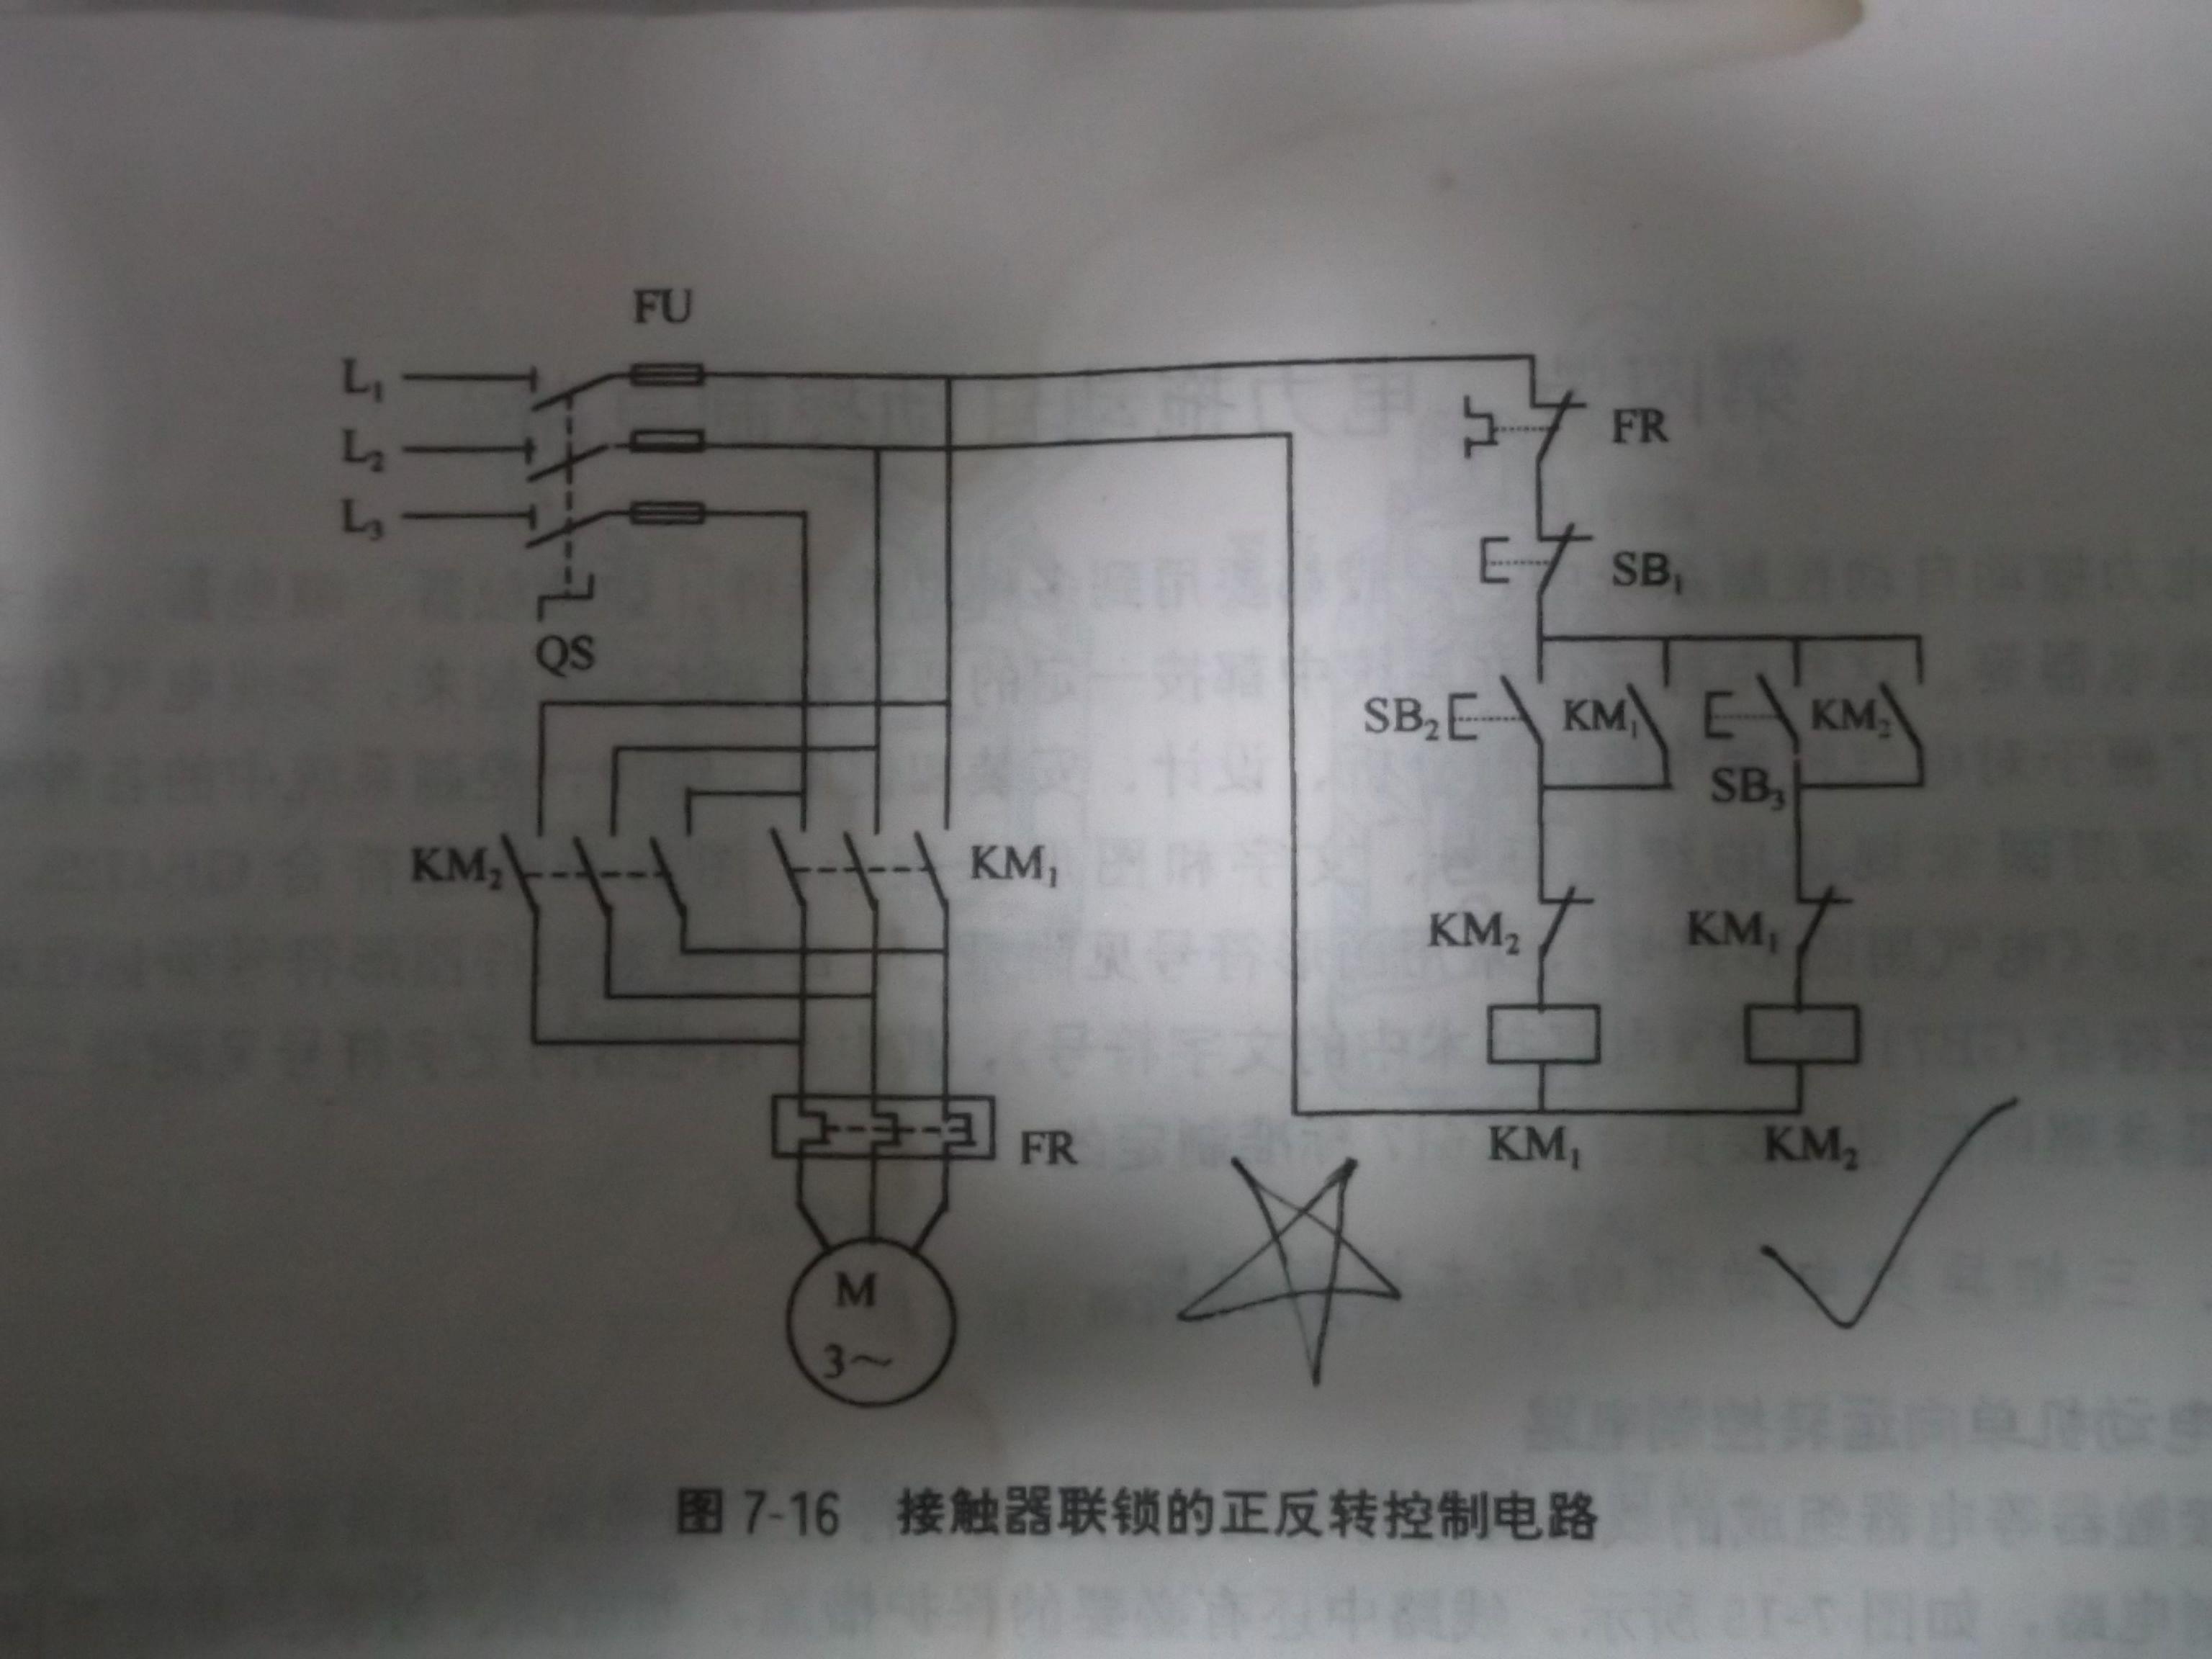 一般这种情况都是手动正反转的,主要是通过接触器辅助触头和按钮来完成的,你对接触器不懂可以先看一下说明书,了解一下原理,接触器主要是通过线圈通电开合来控制线路分合的,而线圈的通电开合要通过边上小辅助触头和控制按钮来完成;正反转要两个接触器两个控制按钮和一个停至按钮,你用万用表测一下接触器边上辅助触头有常开和常闭的,要通过他来完成两个接触器互锁,避免短路。初学可以先用接线在无荷载情况下,在较小漏保和短路保护下桩头进行试验,一定要确保安全,线接错很危险,如果没有把握,最好先请有经验能力电工来完成,或请他们来监护